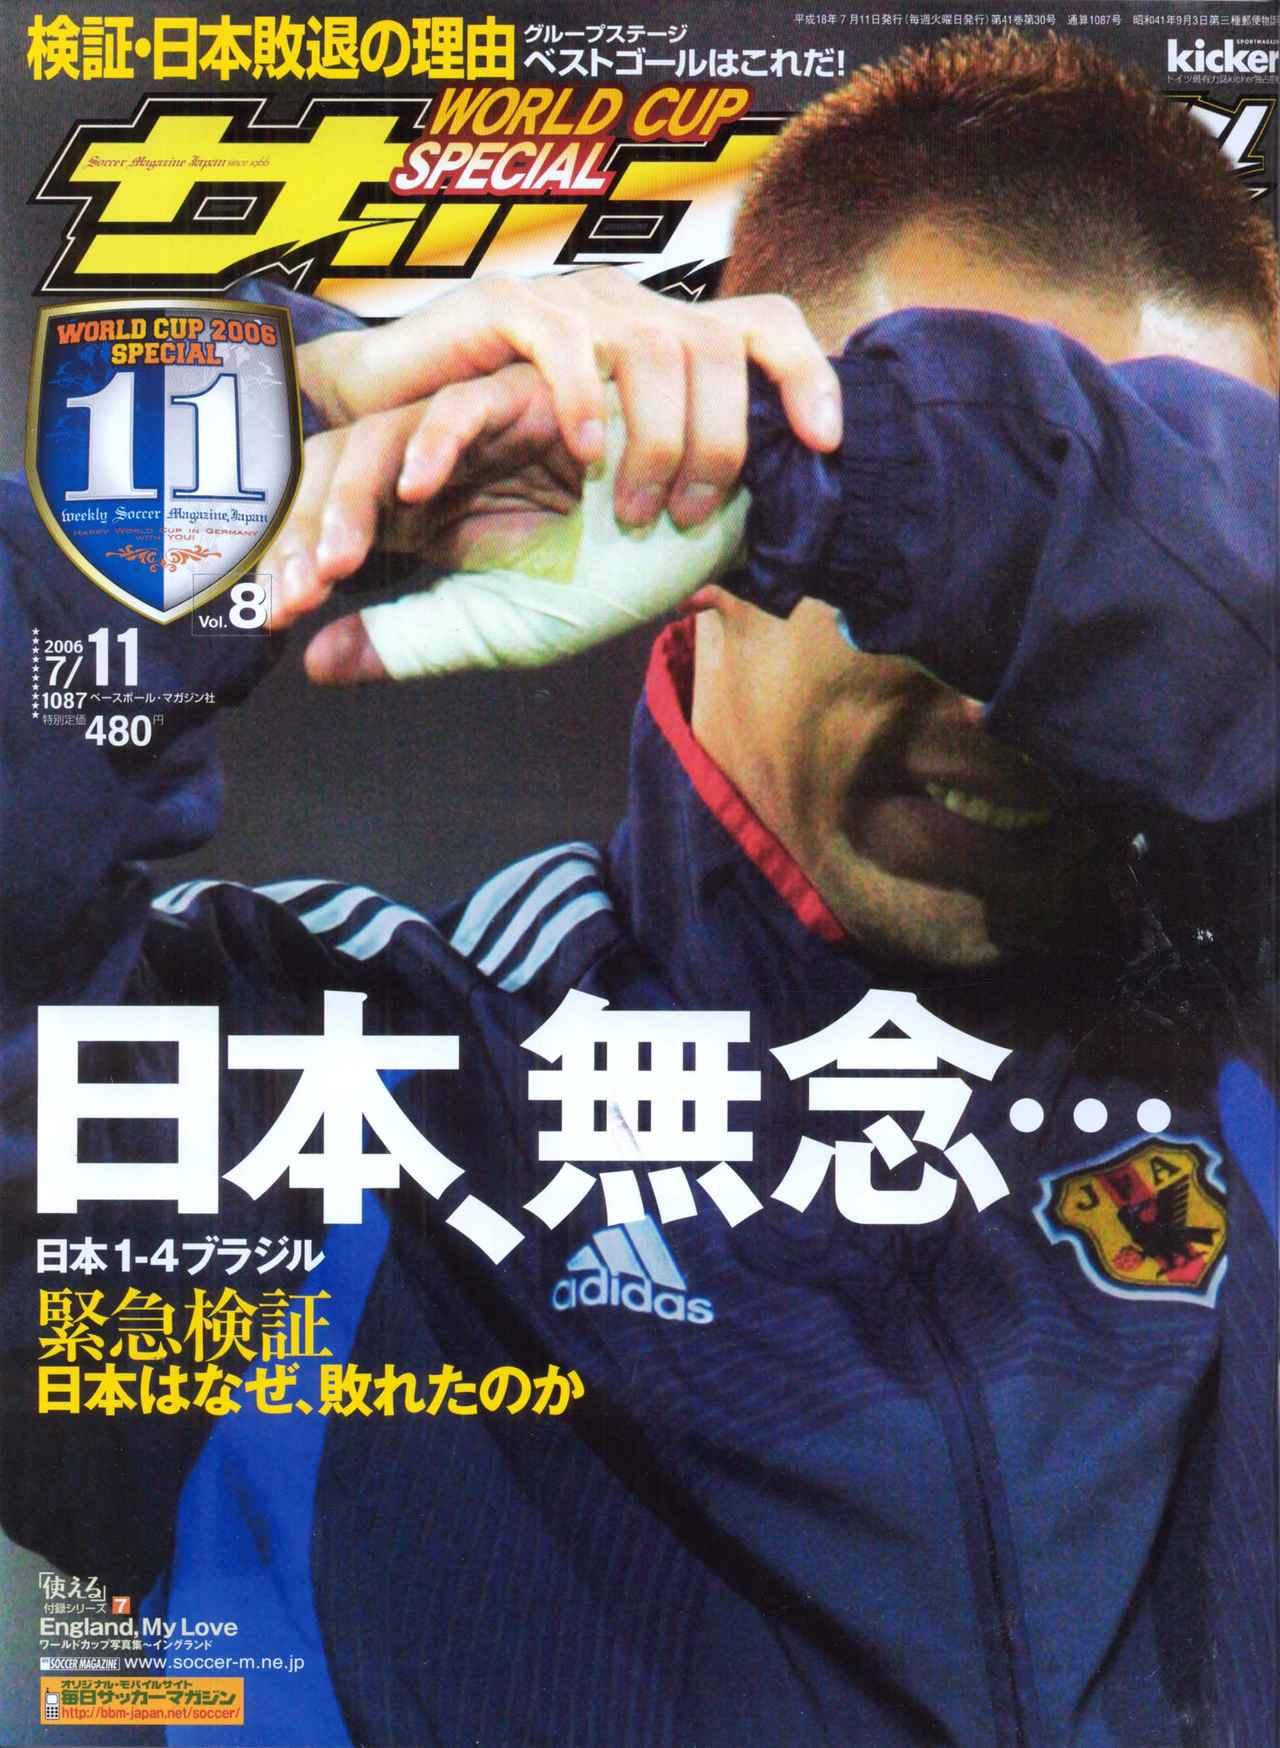 画像: 著者が表紙の写真の選定に悩んだと振り返る2006年の7月11日号。中田英寿はこのブラジル戦を最後に現役を引退した